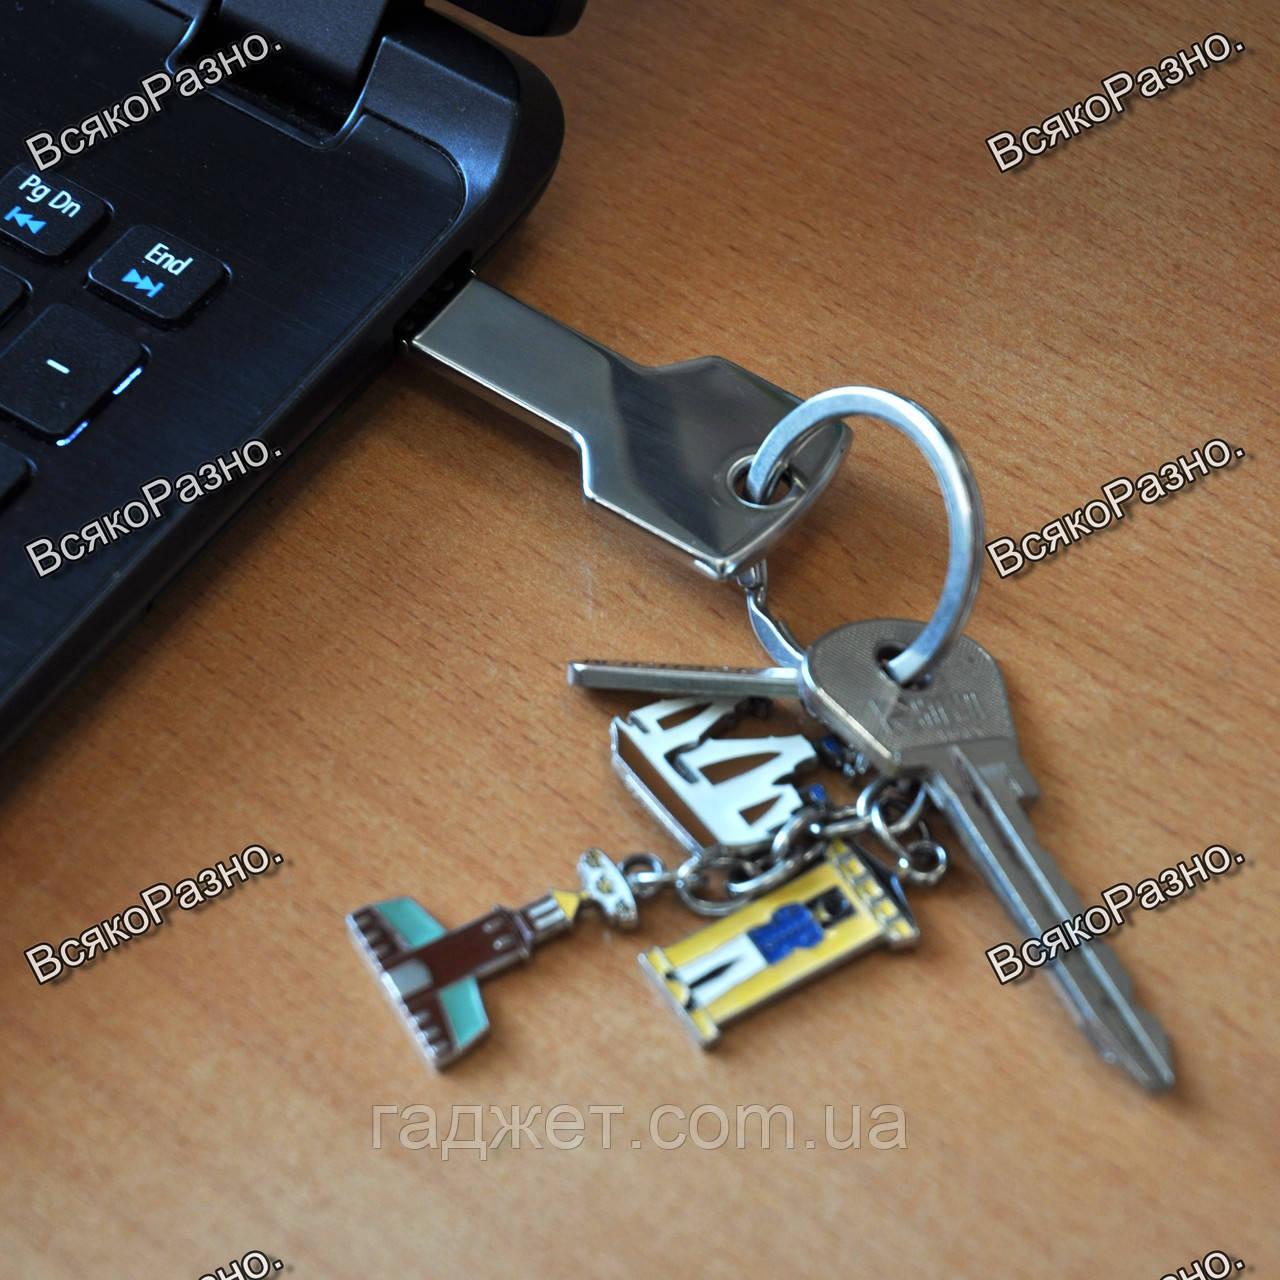 Флешка в виде ключа. USB флешка 8 gb.